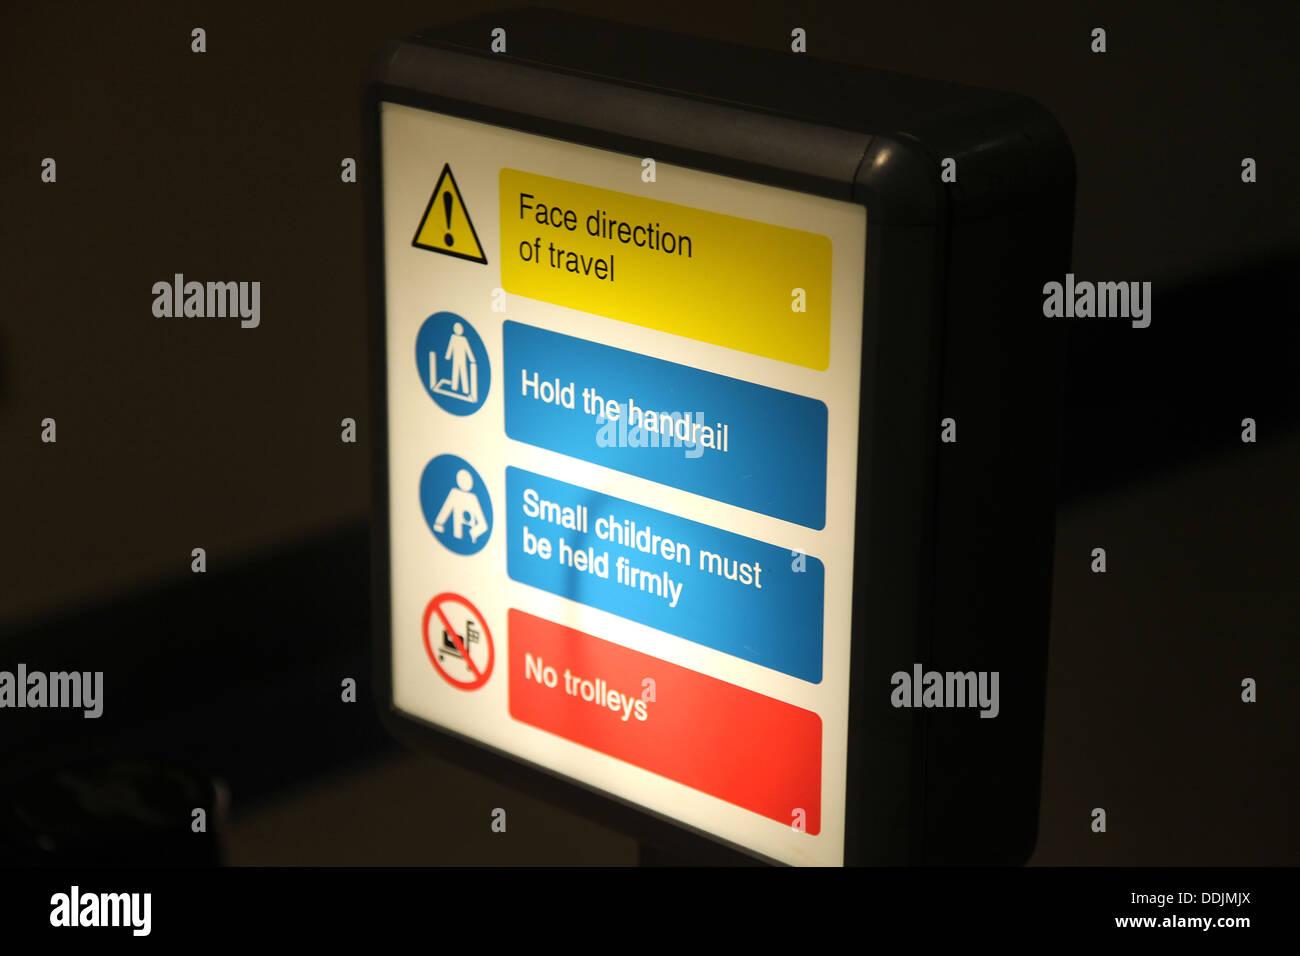 Airort Safety Signage - Stock Image